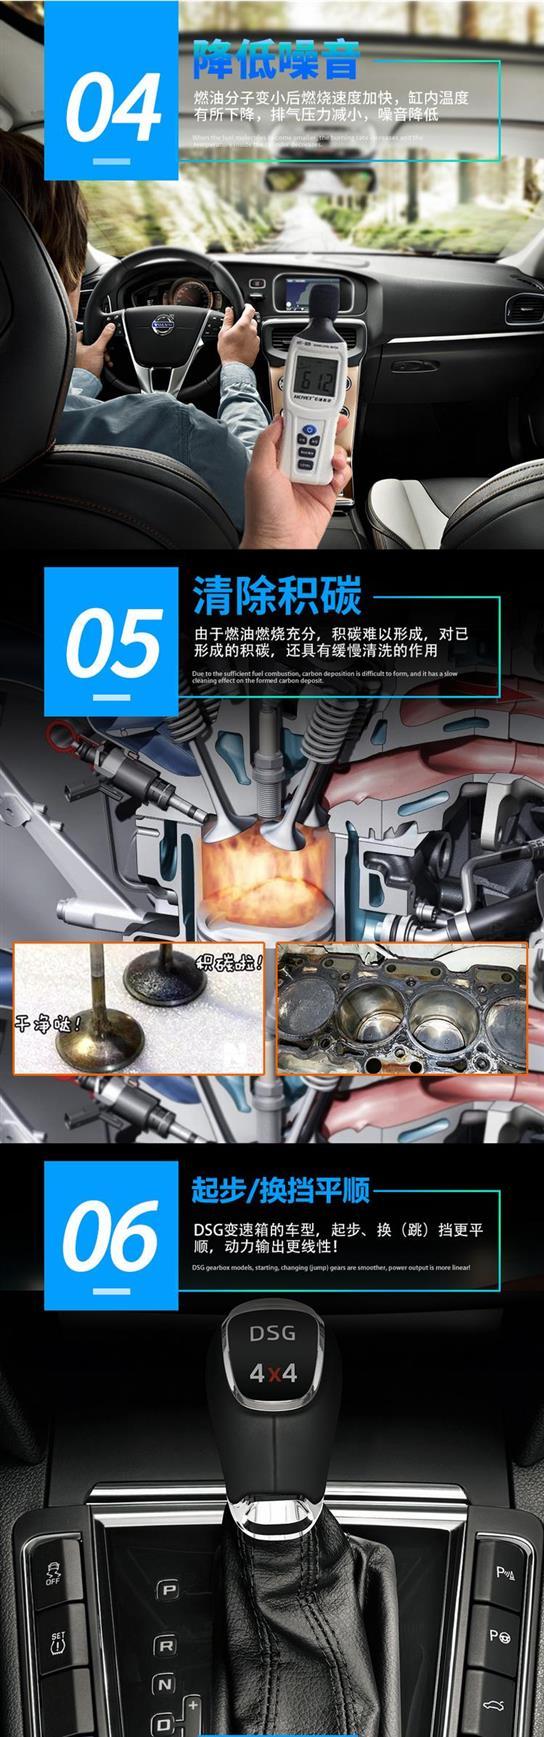 天津新型柴油货车节油器定制